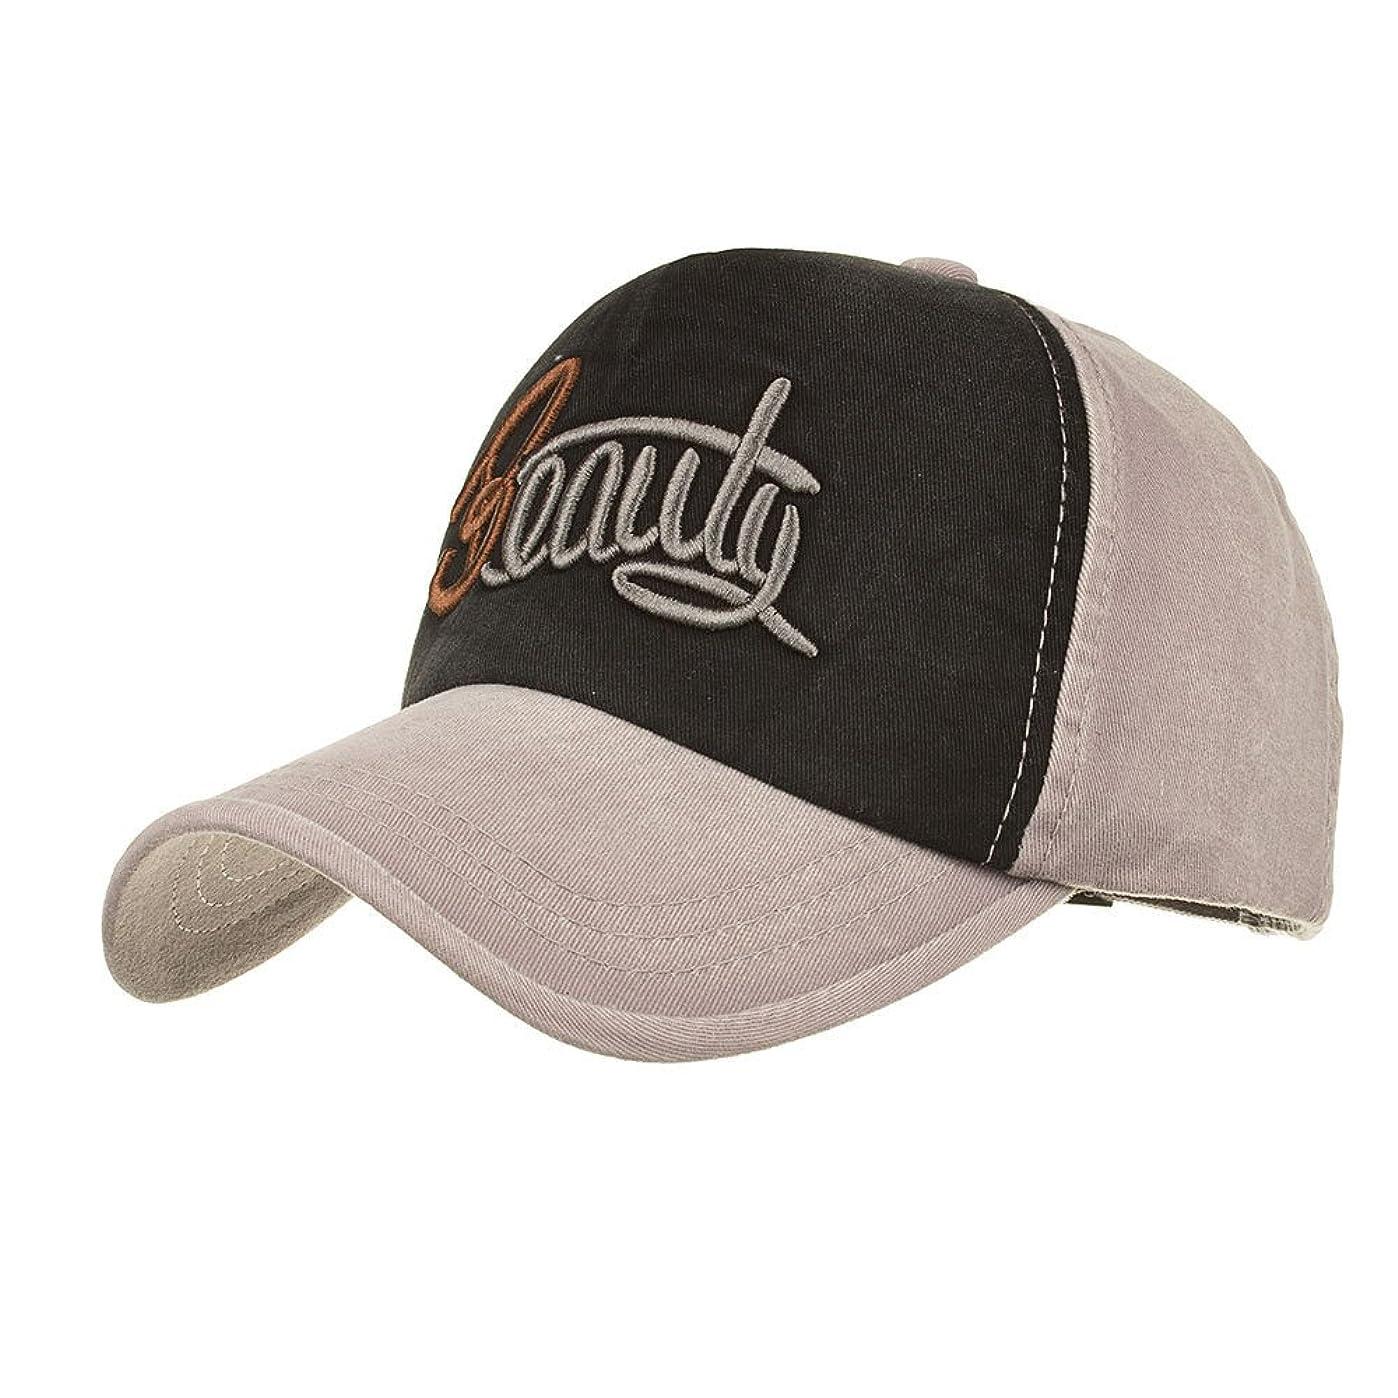 アボート環境に優しいパズルRacazing Cap パッチワーク刺繍 ヒップホップ 野球帽 通気性のある 帽子 夏 登山 可調整可能 棒球帽 UV 帽子 軽量 屋外 Unisex Hat (グレー)